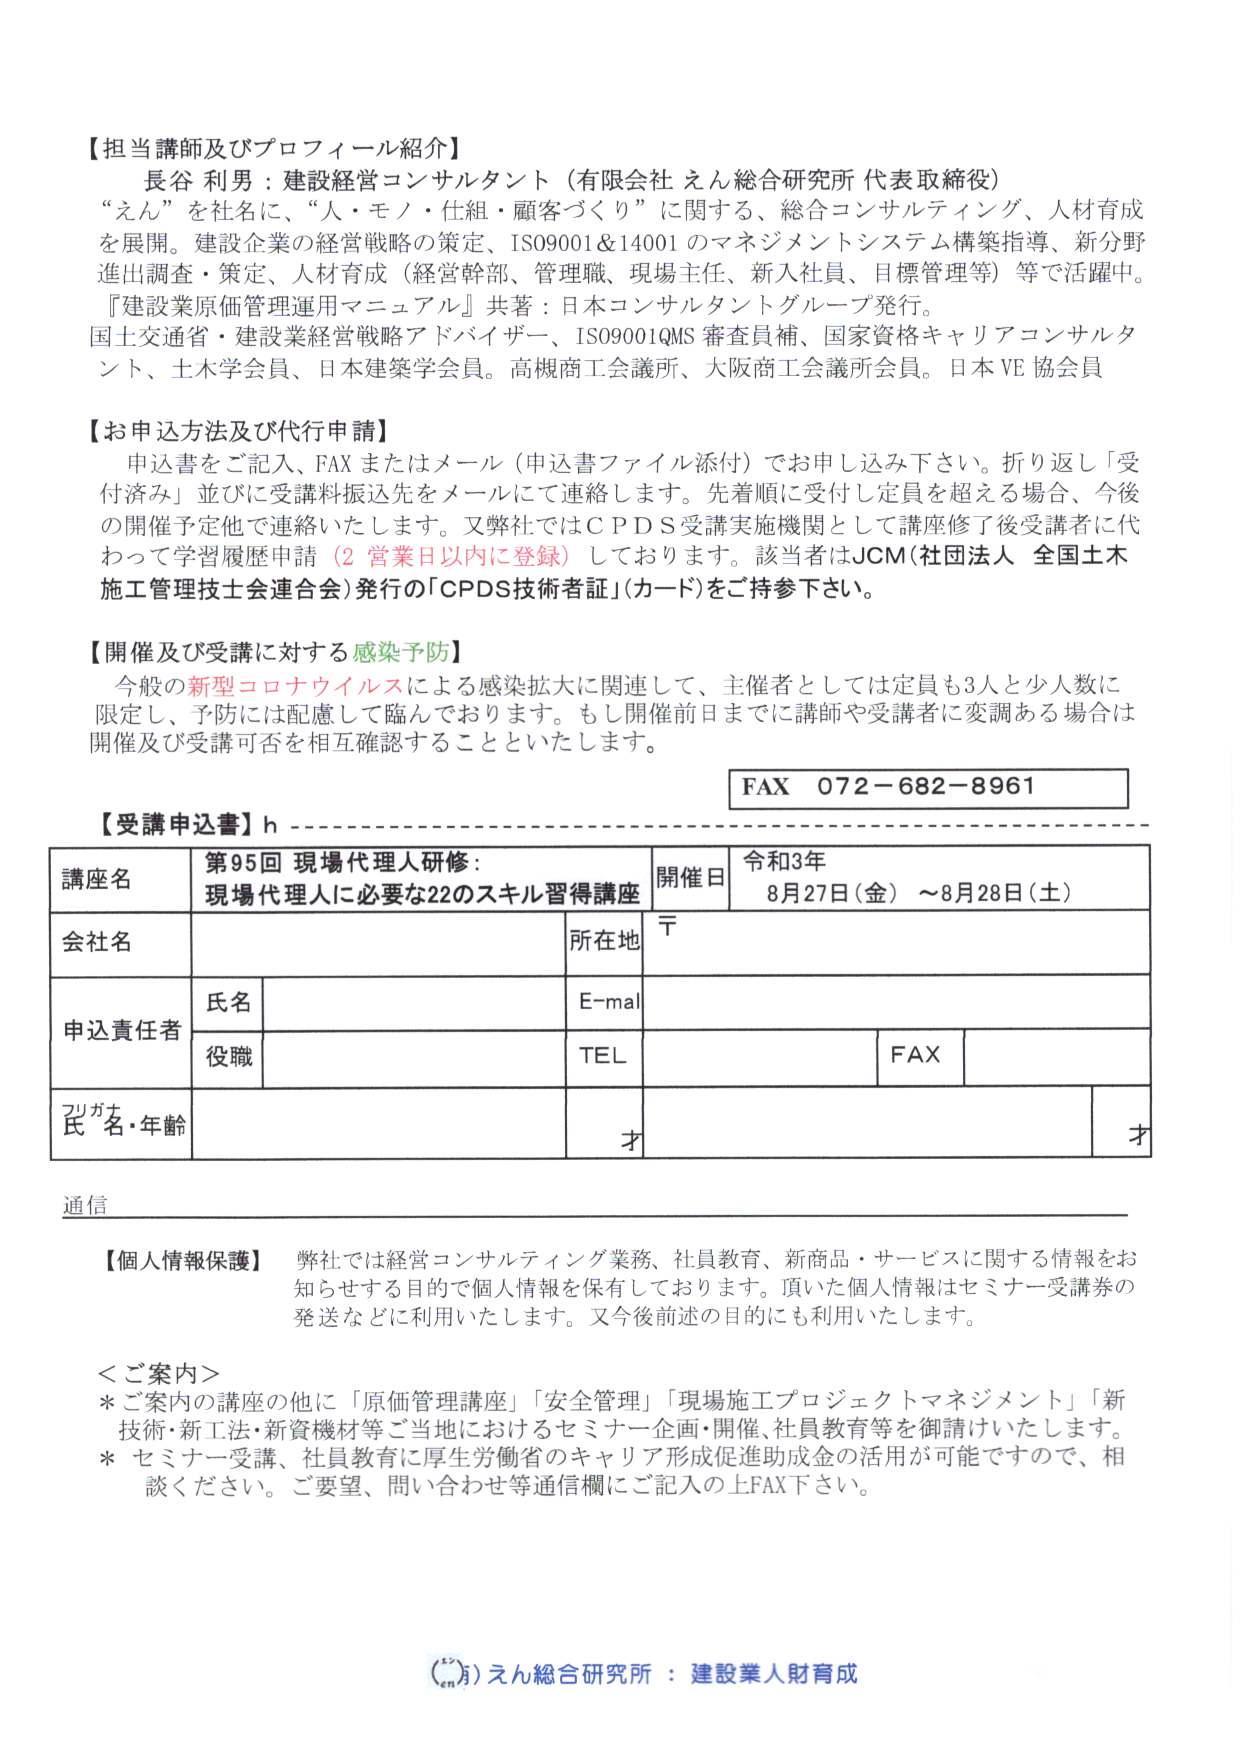 Document_20210726_0002